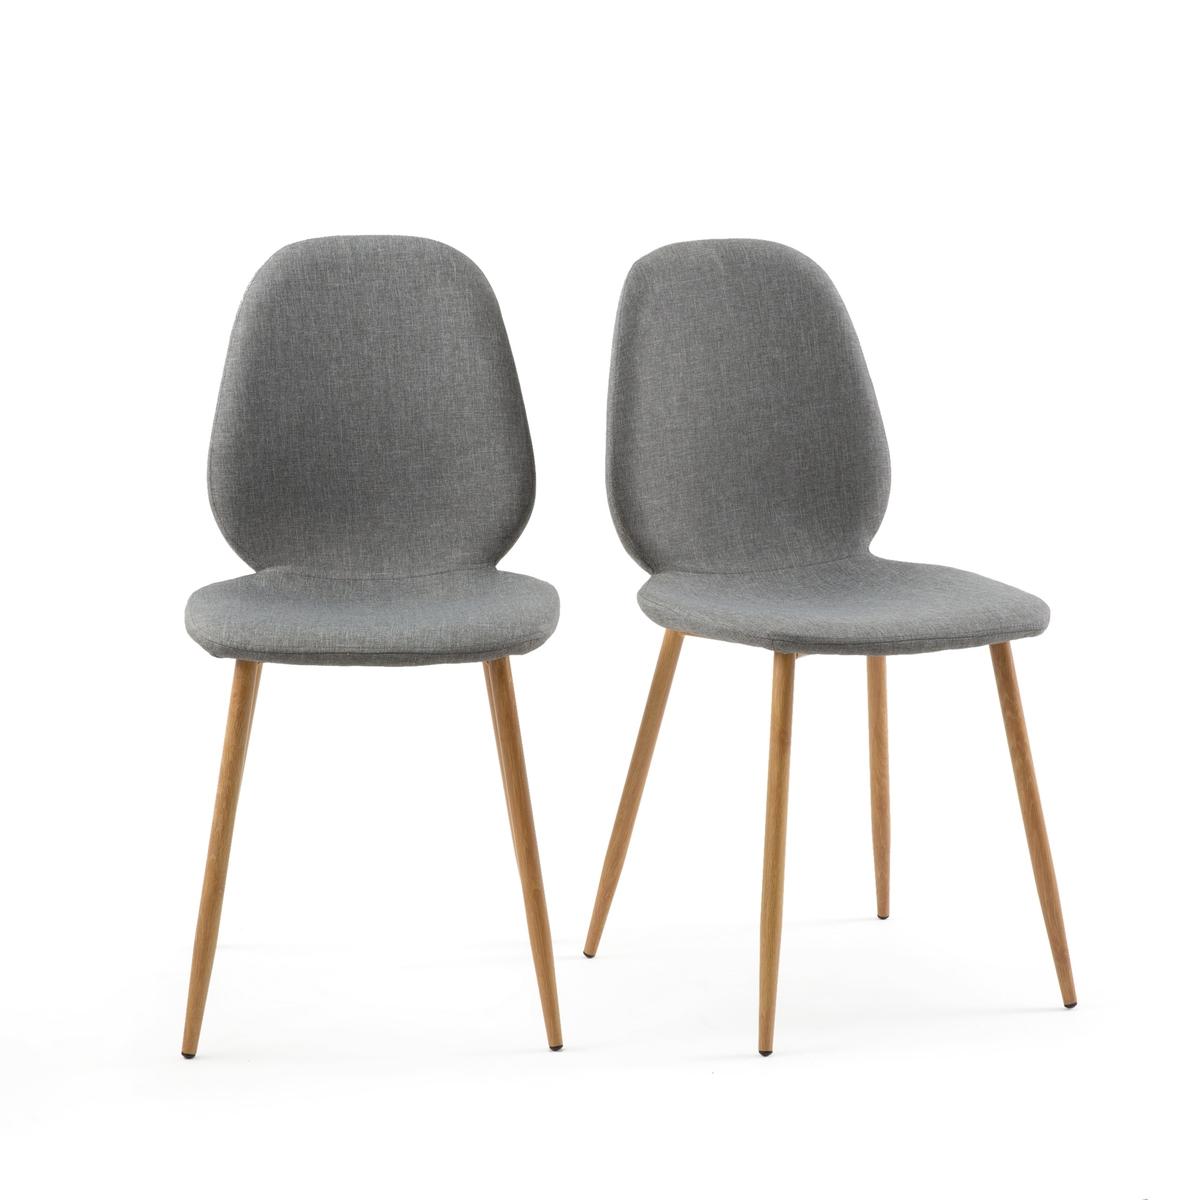 Комплект из 2 стульев Nordie La Redoute La Redoute единый размер серый комплект из пиал из la redoute фаянса ajila единый размер серый